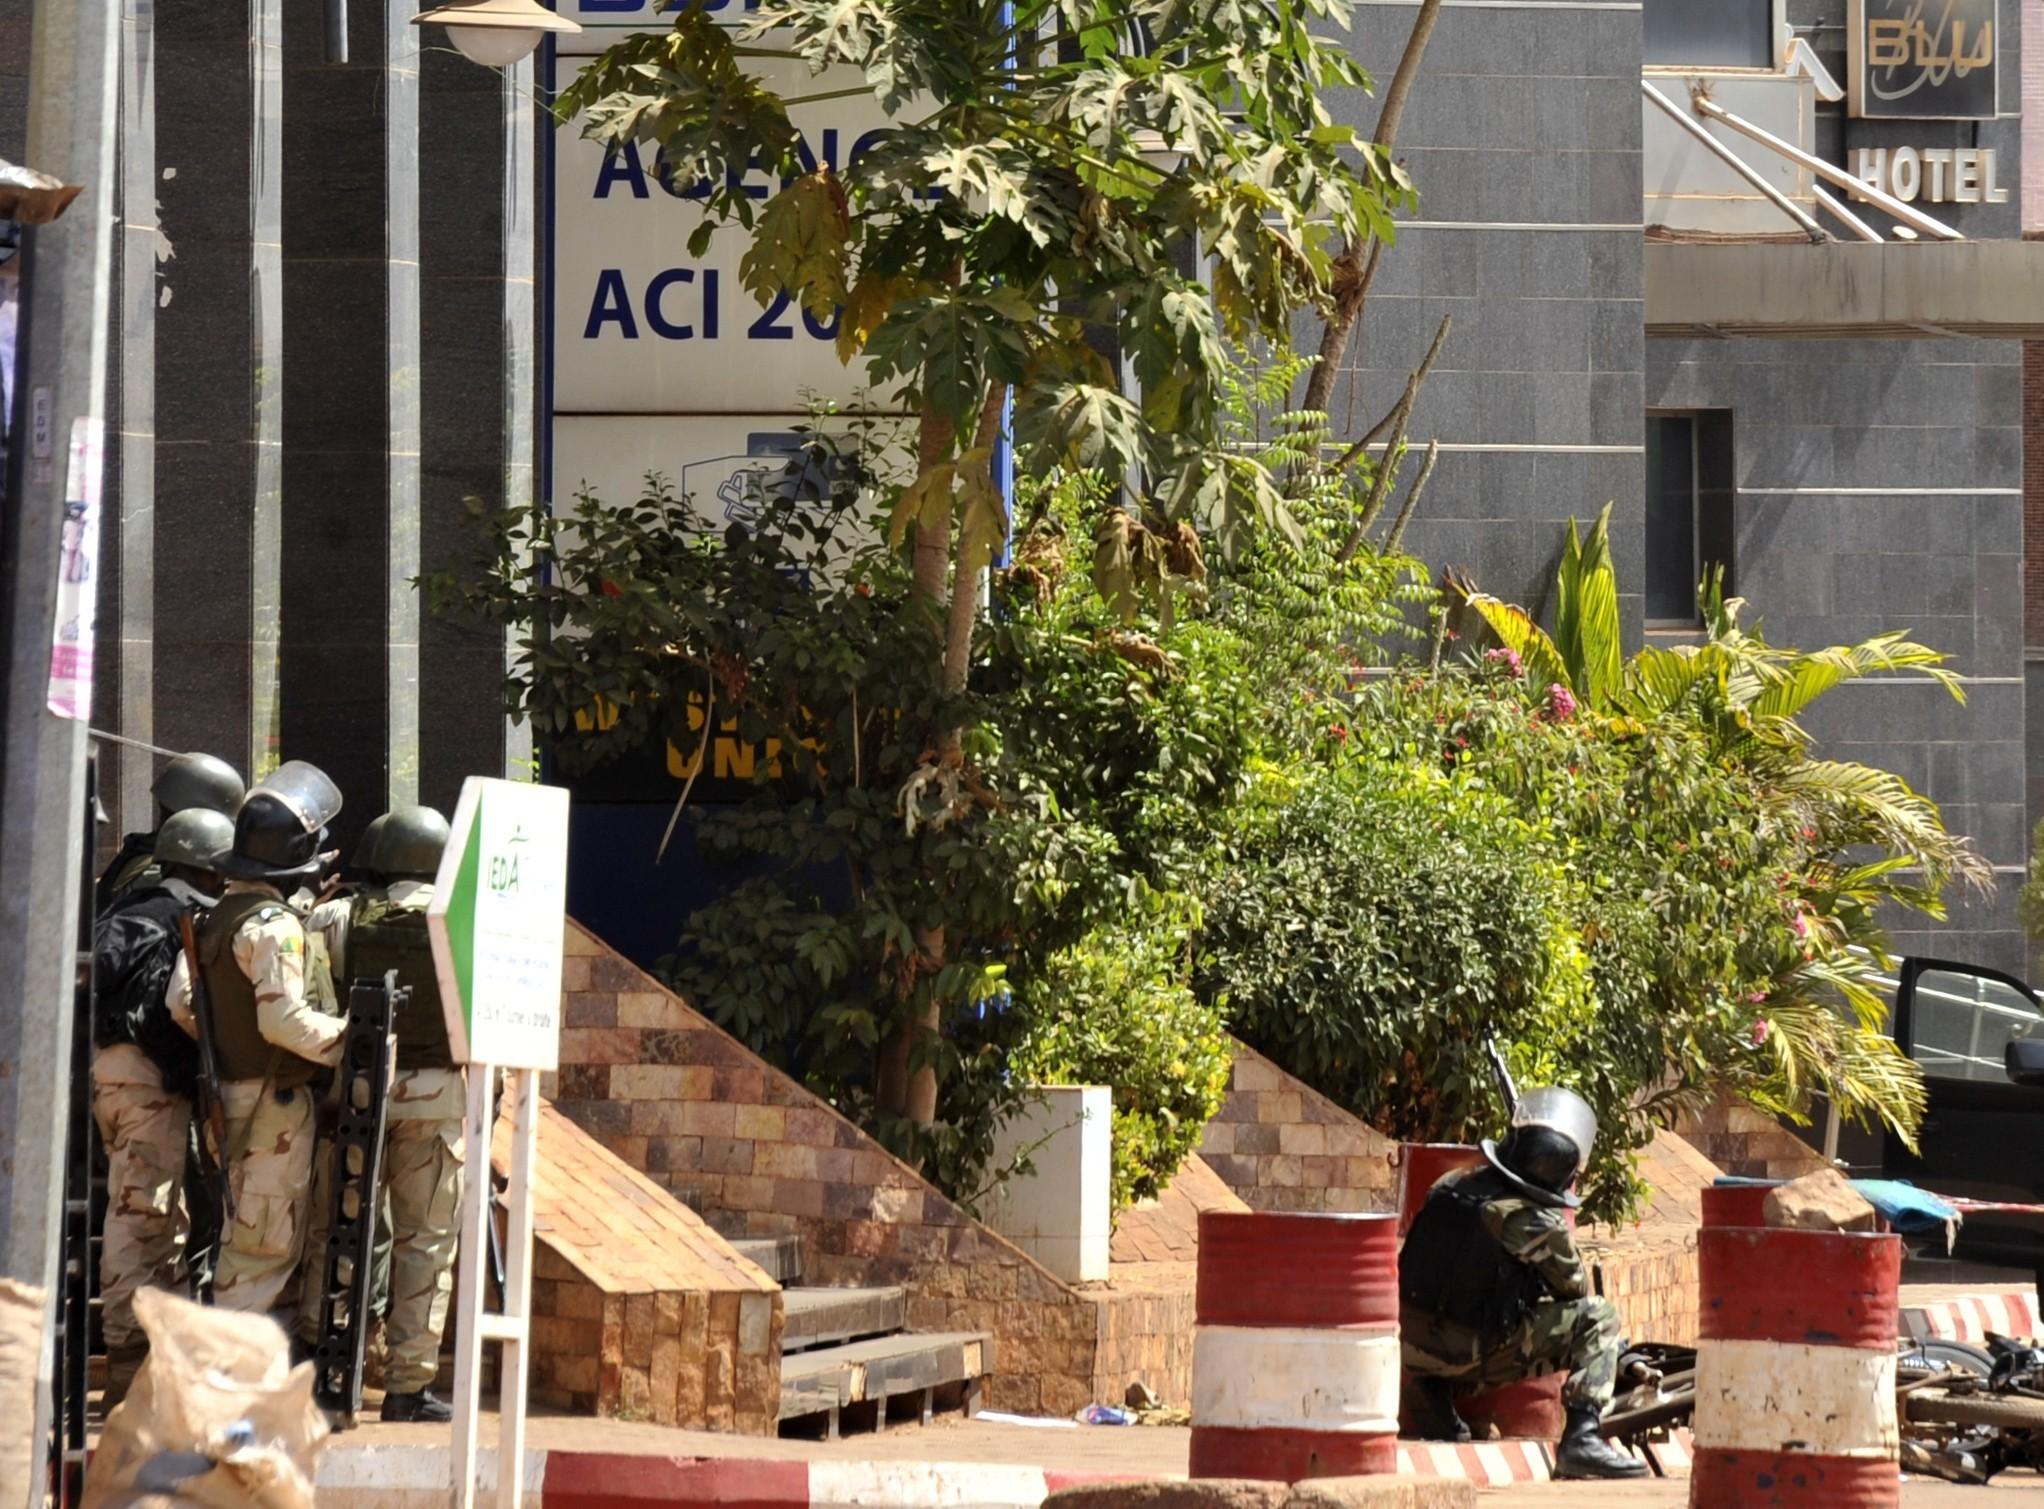 Malian troops take position outside the Radisson Blu hotel in Bamako on Nov. 20, 2015